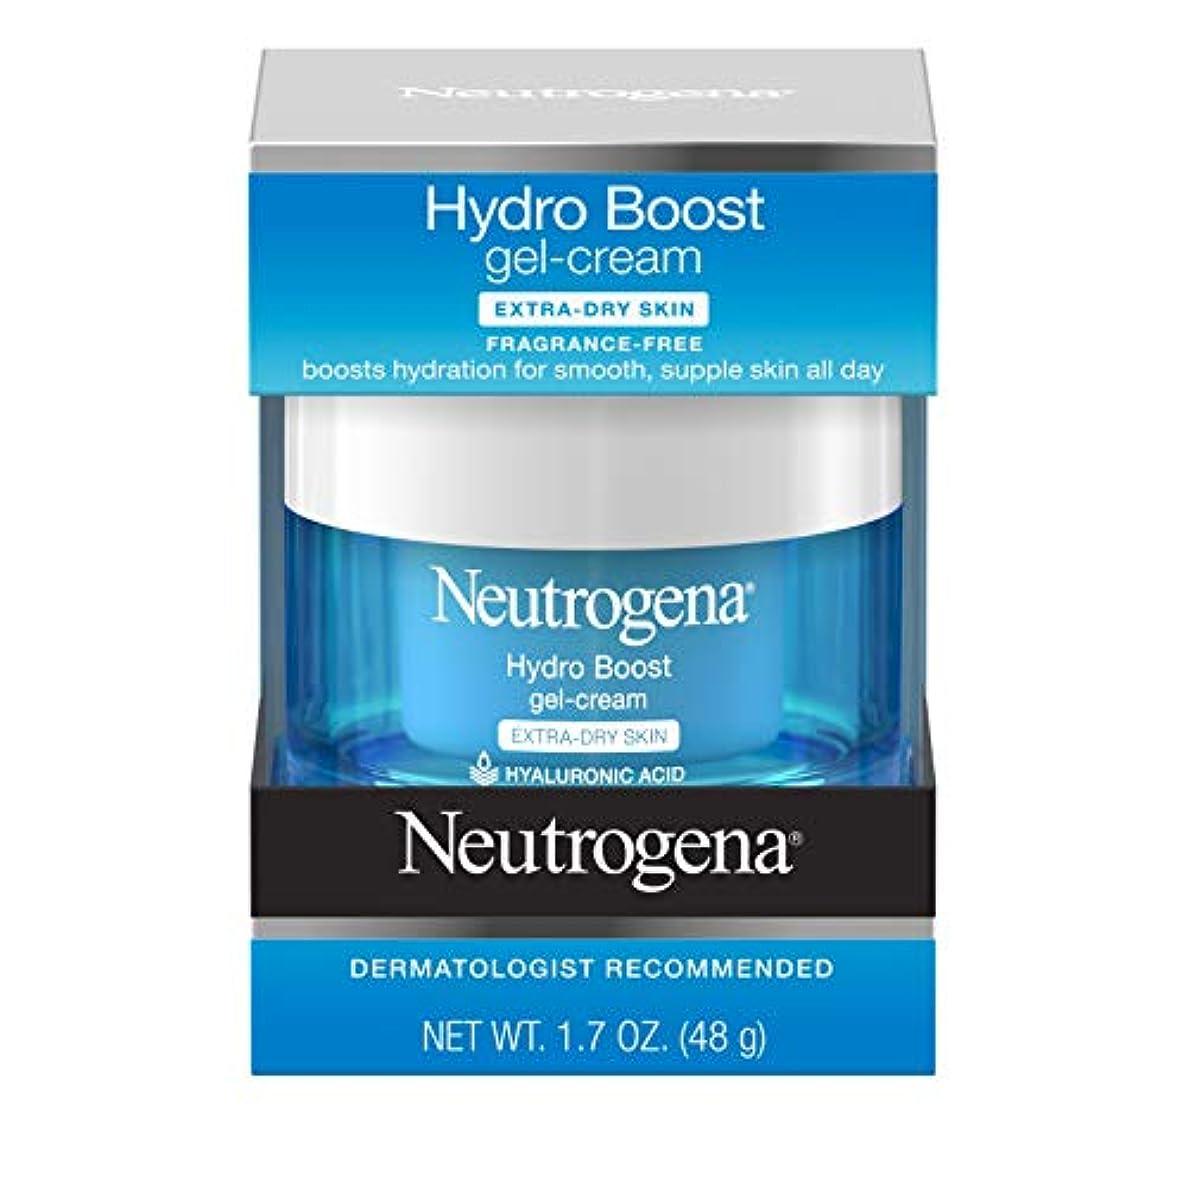 メール不承認反響するNeutrogena Hydro Boost Gel Cream, Extra Dry Skin, 1.7 Ounce  海外直送品?並行輸入品